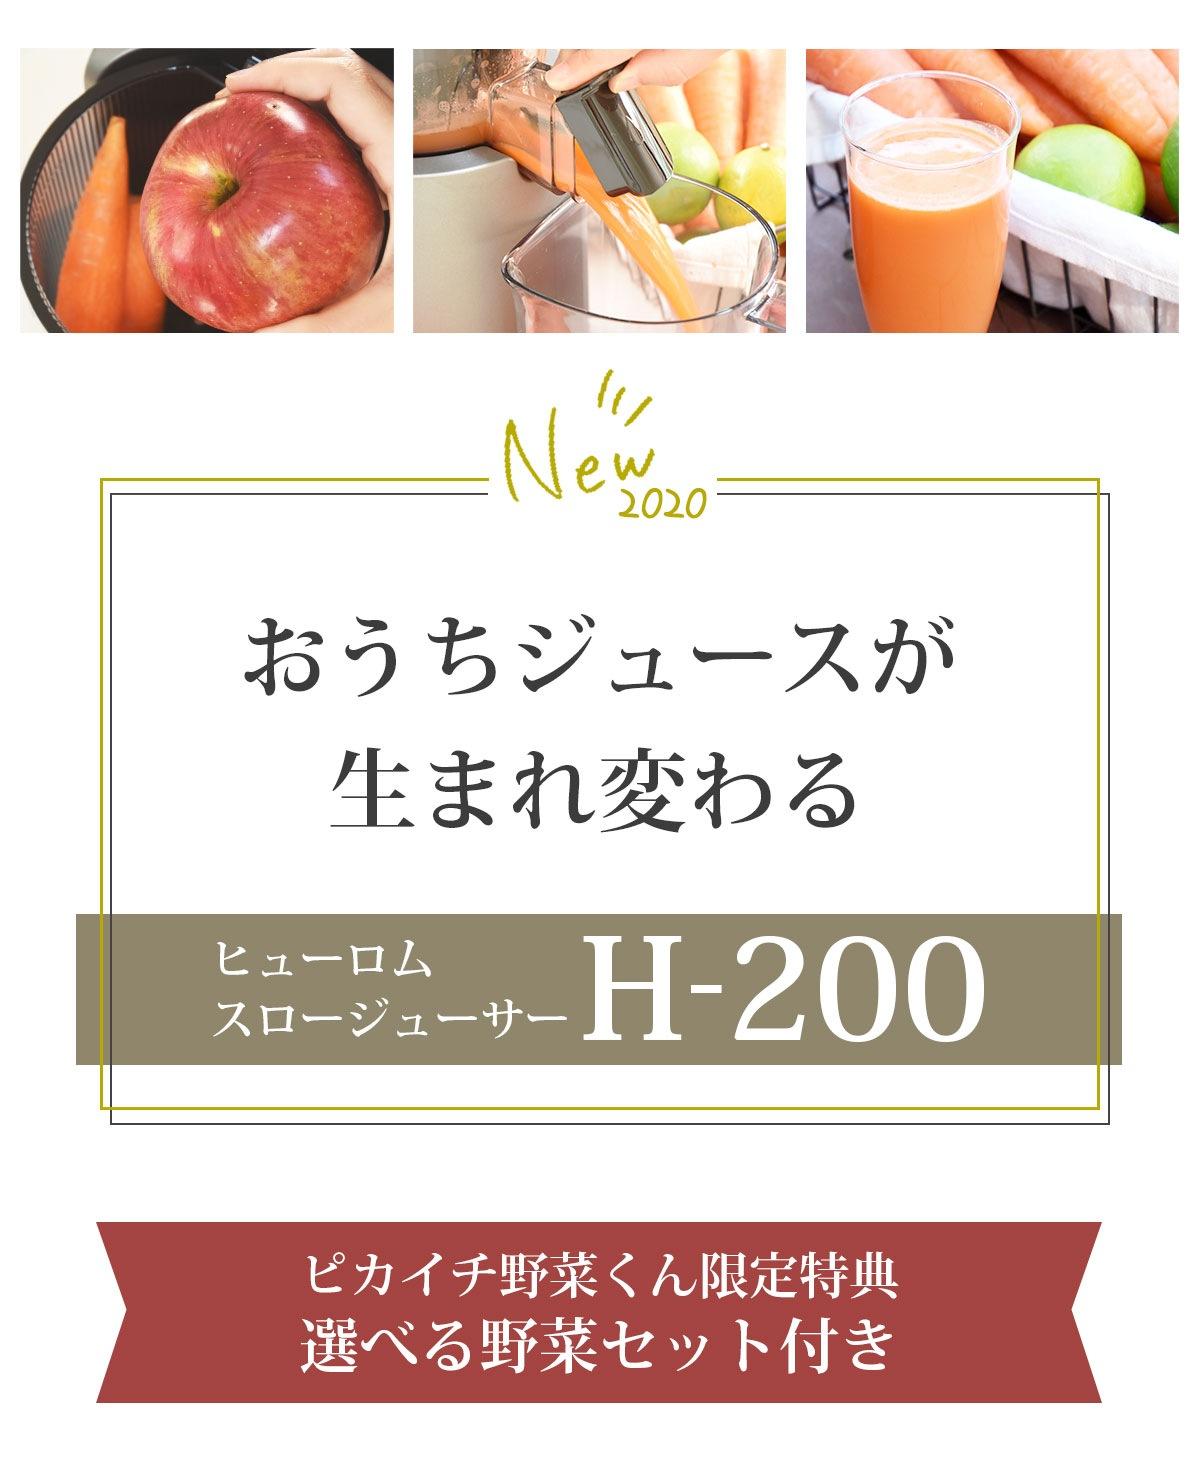 おうちジュースが生まれ変わるヒューロムスロージューサーH-200